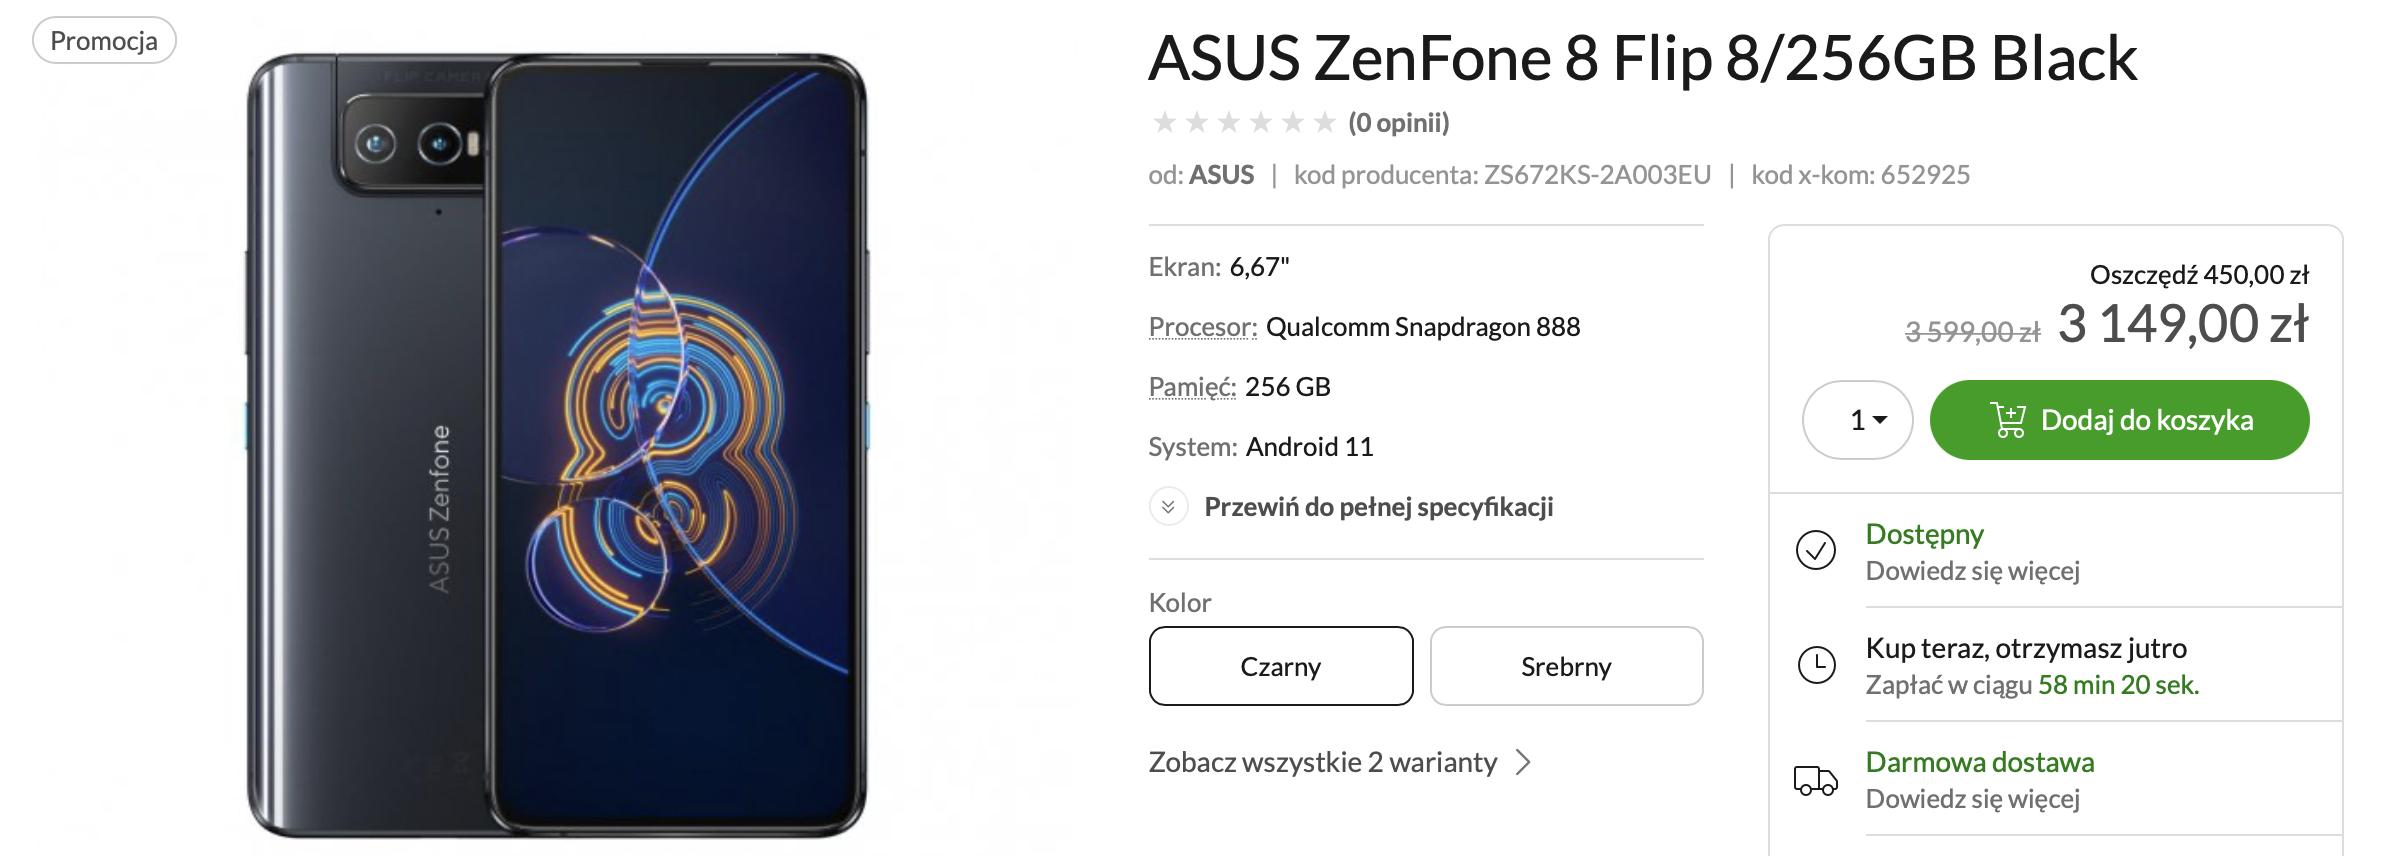 Gdzie kupić ASUS Zenfone 8 Flip